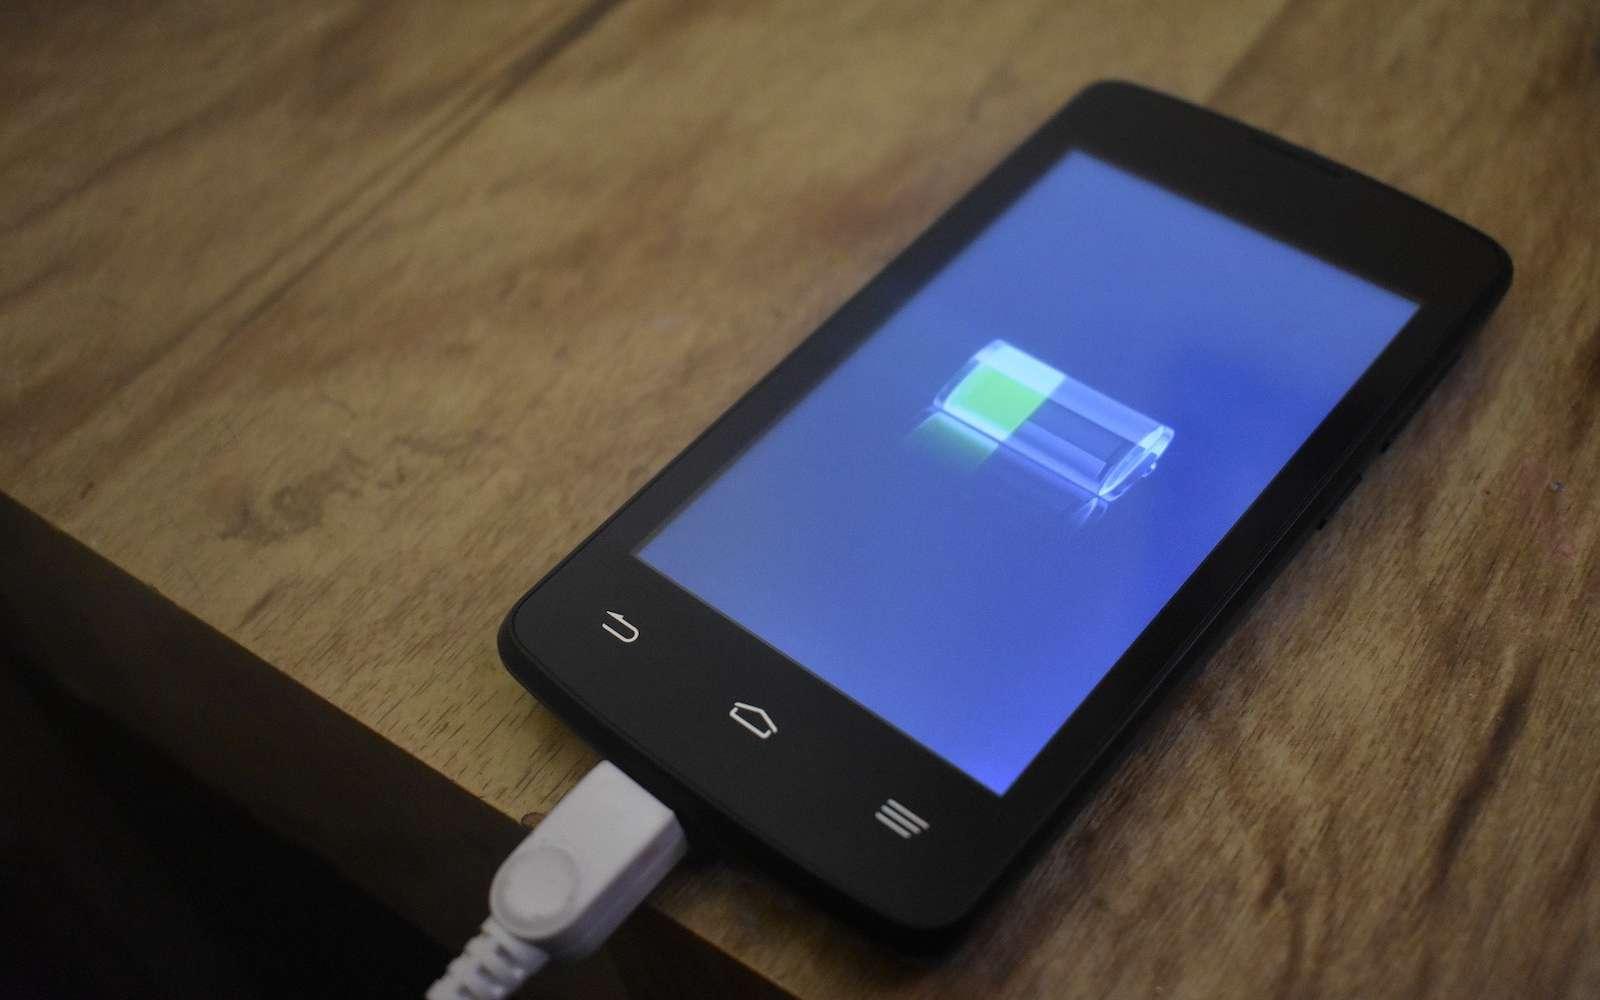 Parce qu'on ne peut pas toujours charger son téléphone, des chercheurs souhaitent profiter de l'intelligence artificielle pour concentrer l'usage de la batterie lorsque l'utilisateur a besoin de son appareil. © Web_estable, Pixabay